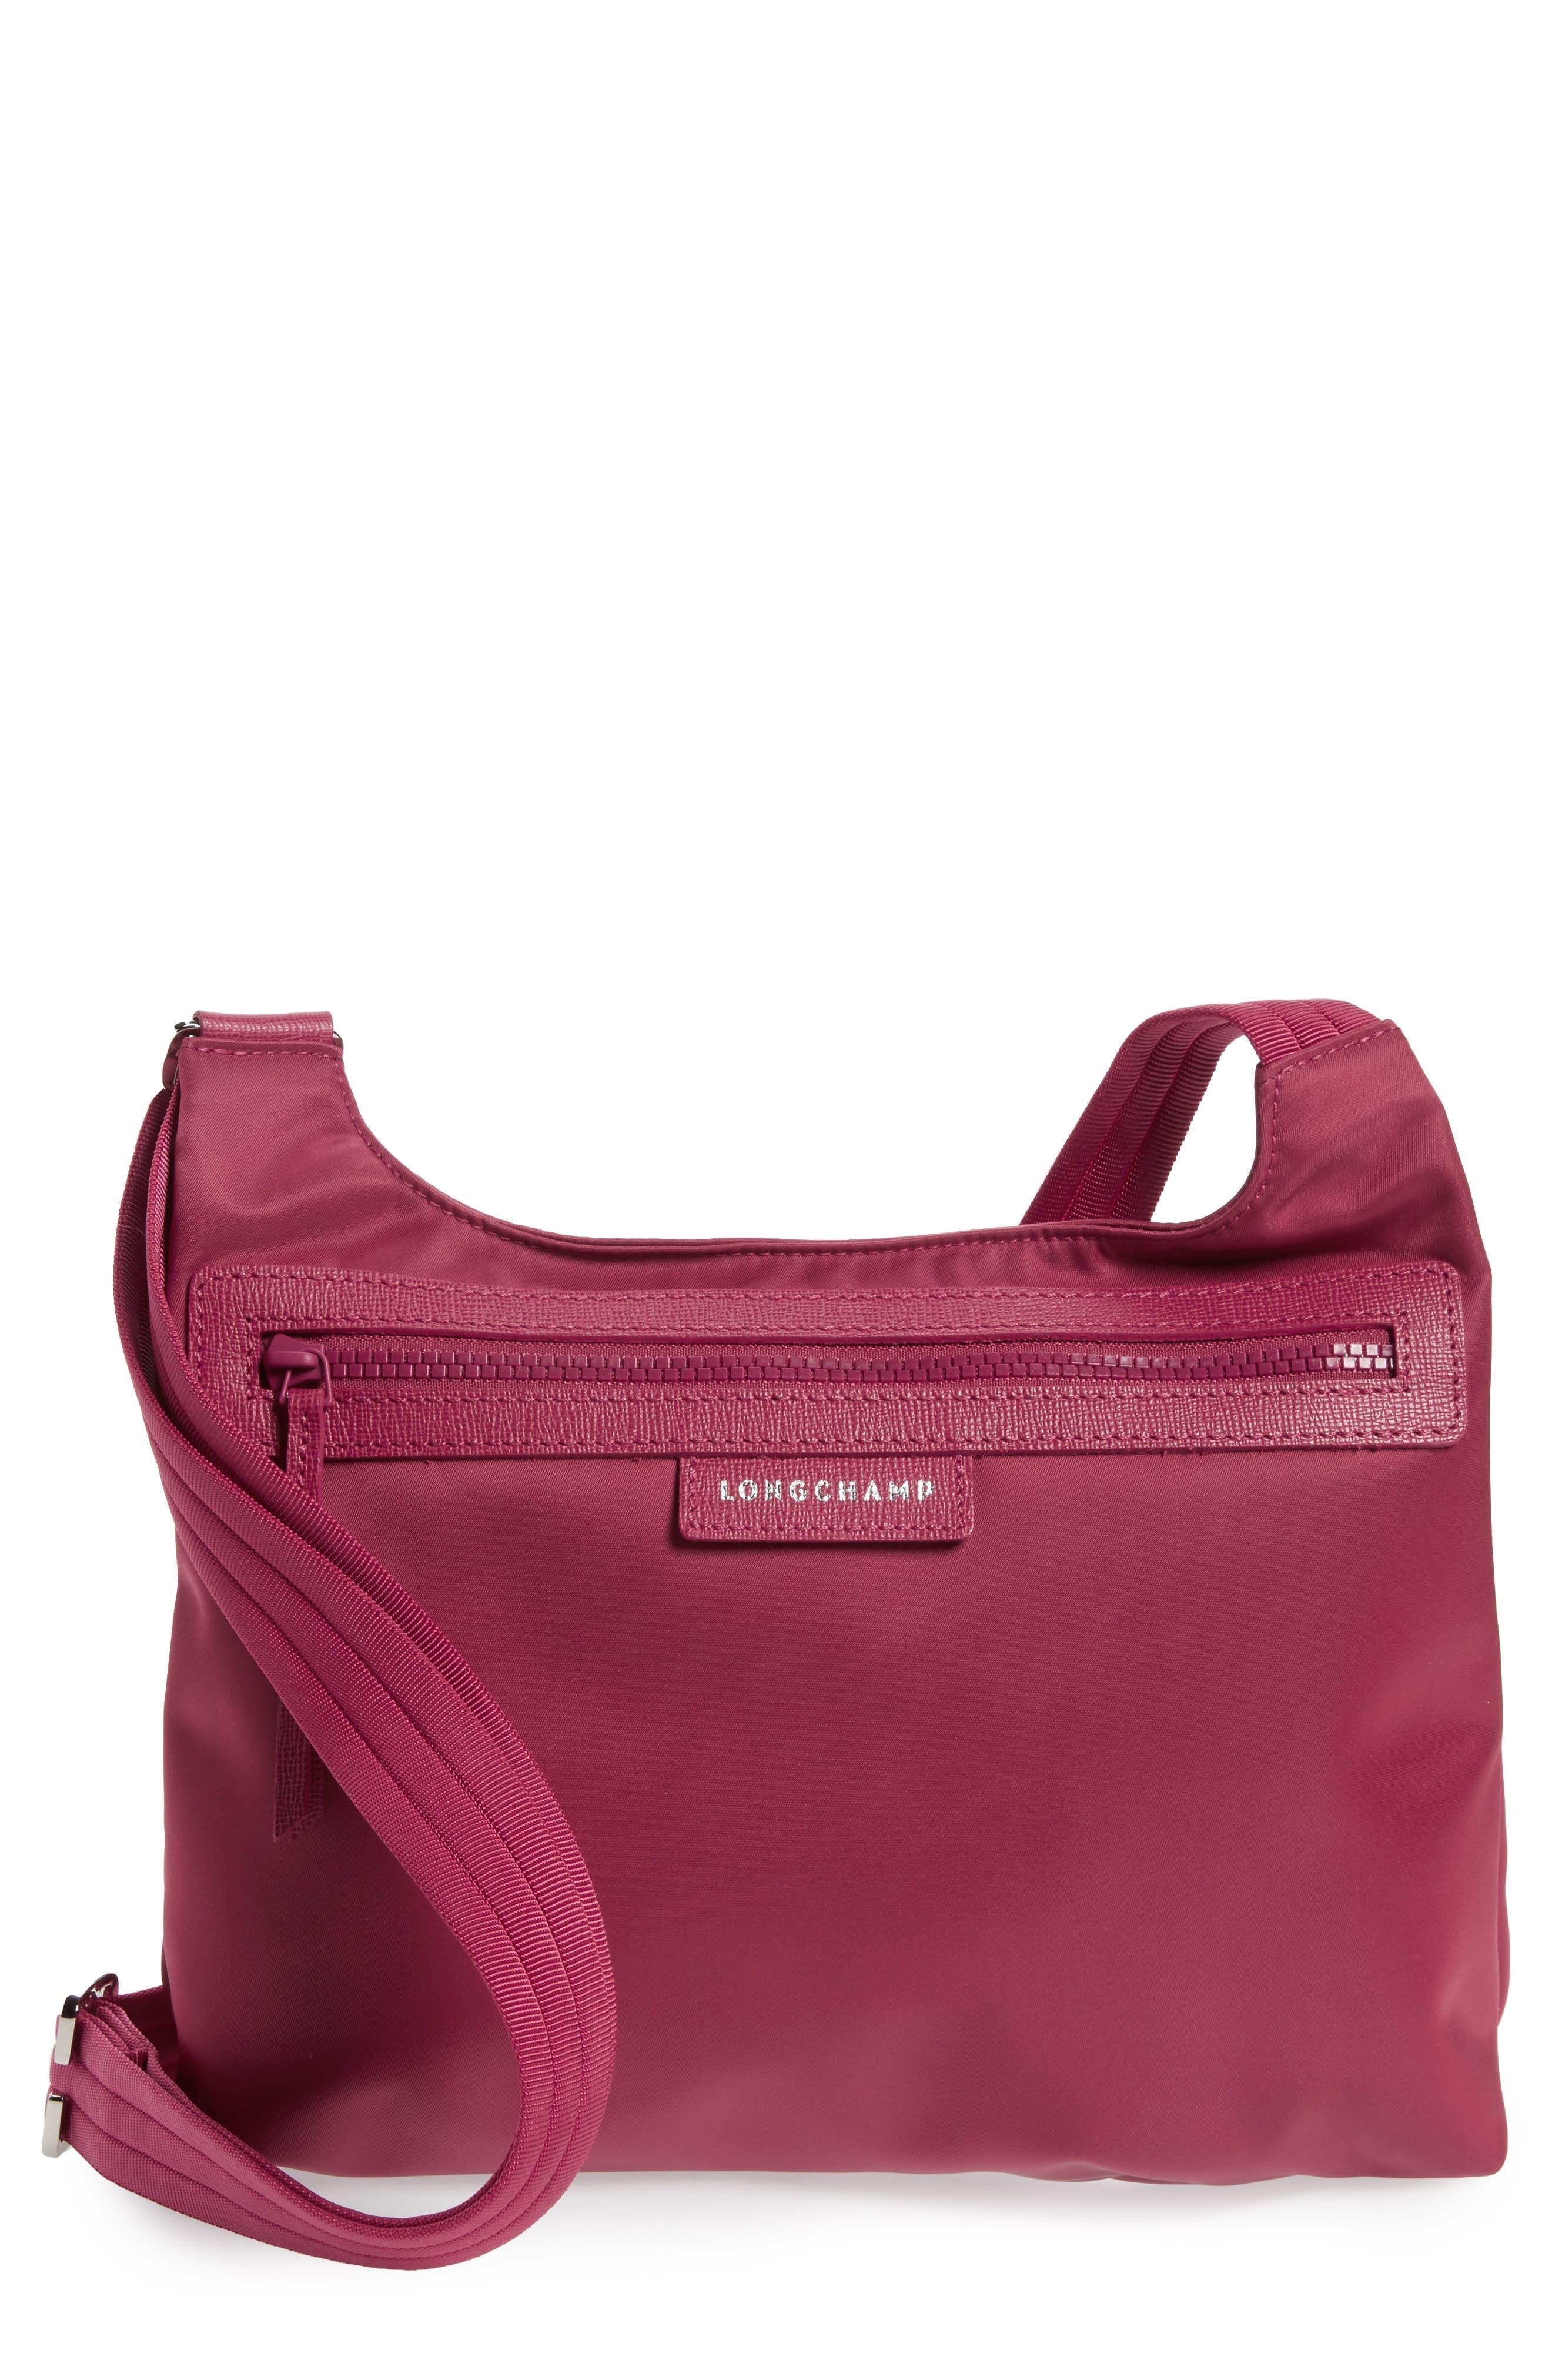 Le Pliage Neo Nylon Crossbody Bag,                             Main thumbnail 1, color,                             650